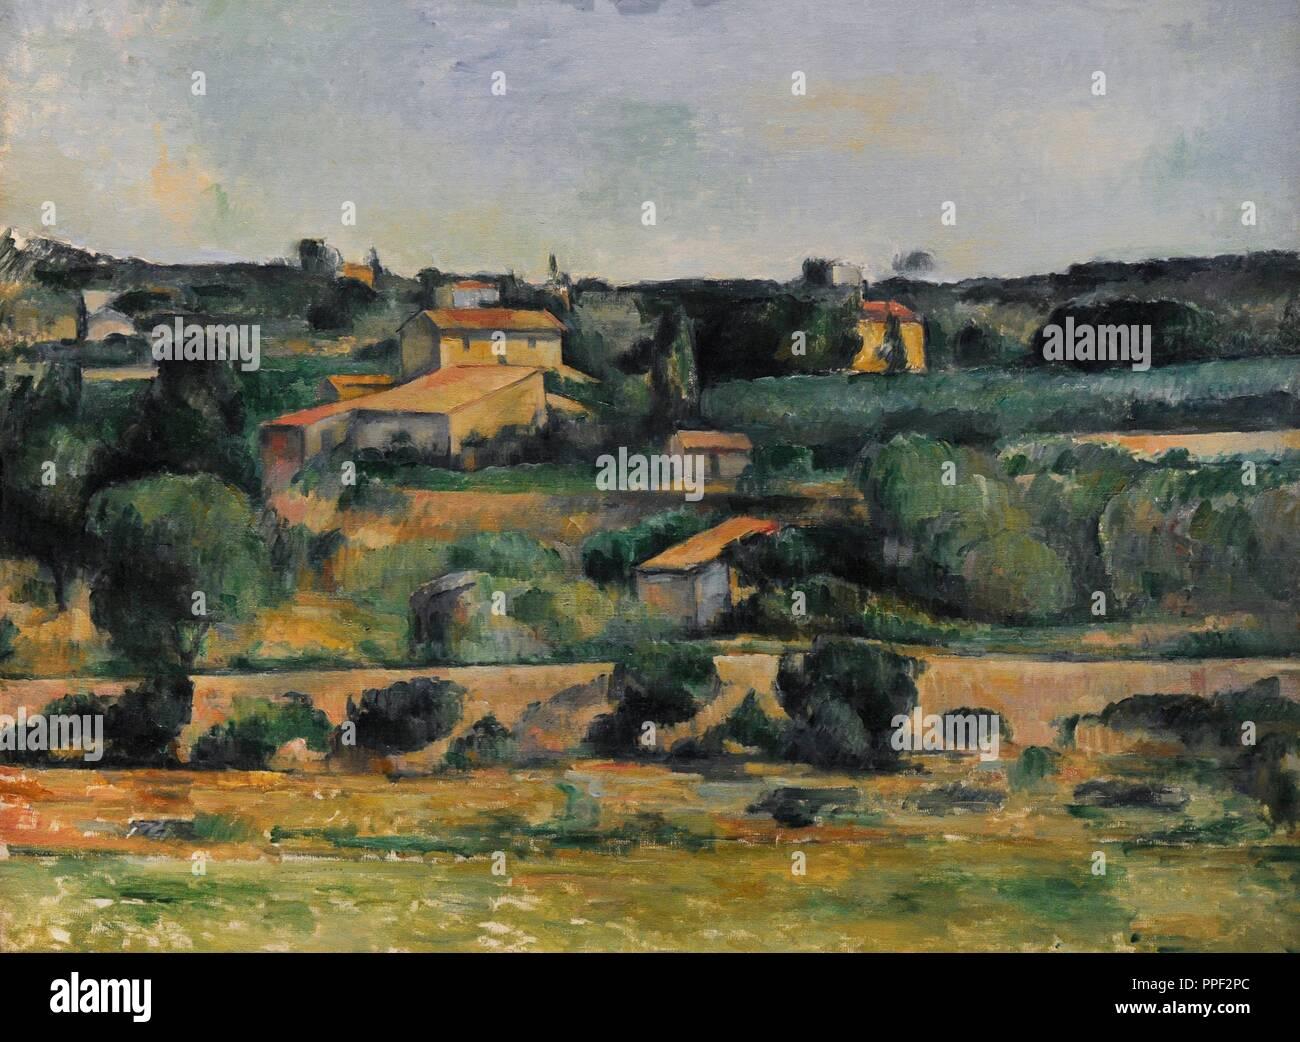 Le Peintre Français. Paysage Dans Lu0027ouest De Aix En Provence, Ca.1878).  Musée Wallraf Richartz. Cologne. Lu0027Allemagne.